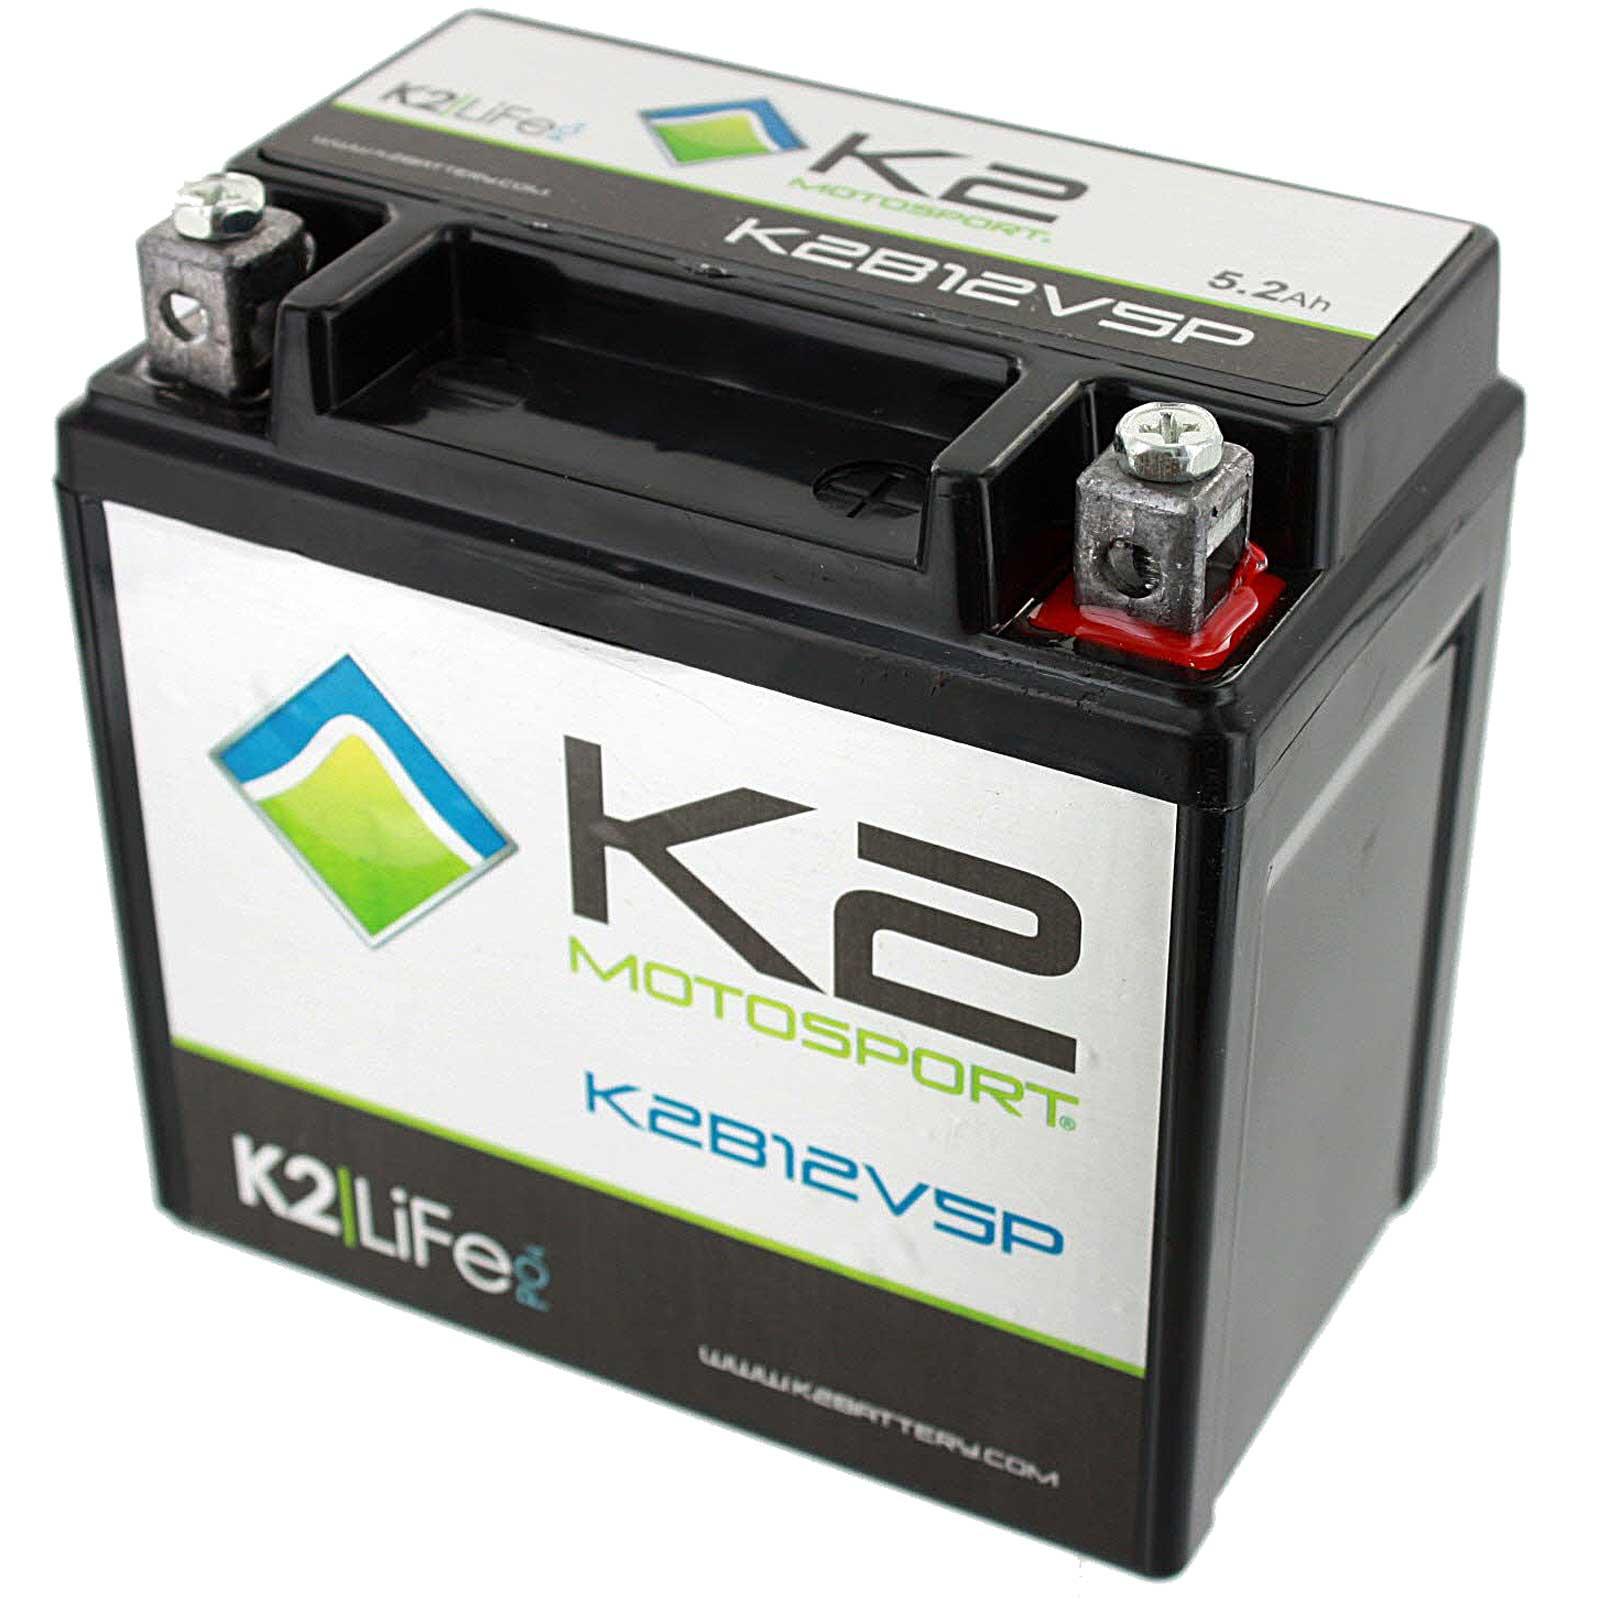 k2 energy 12v 5ah li ion phosphate e scooter motorcycle golf cart battery ebay. Black Bedroom Furniture Sets. Home Design Ideas